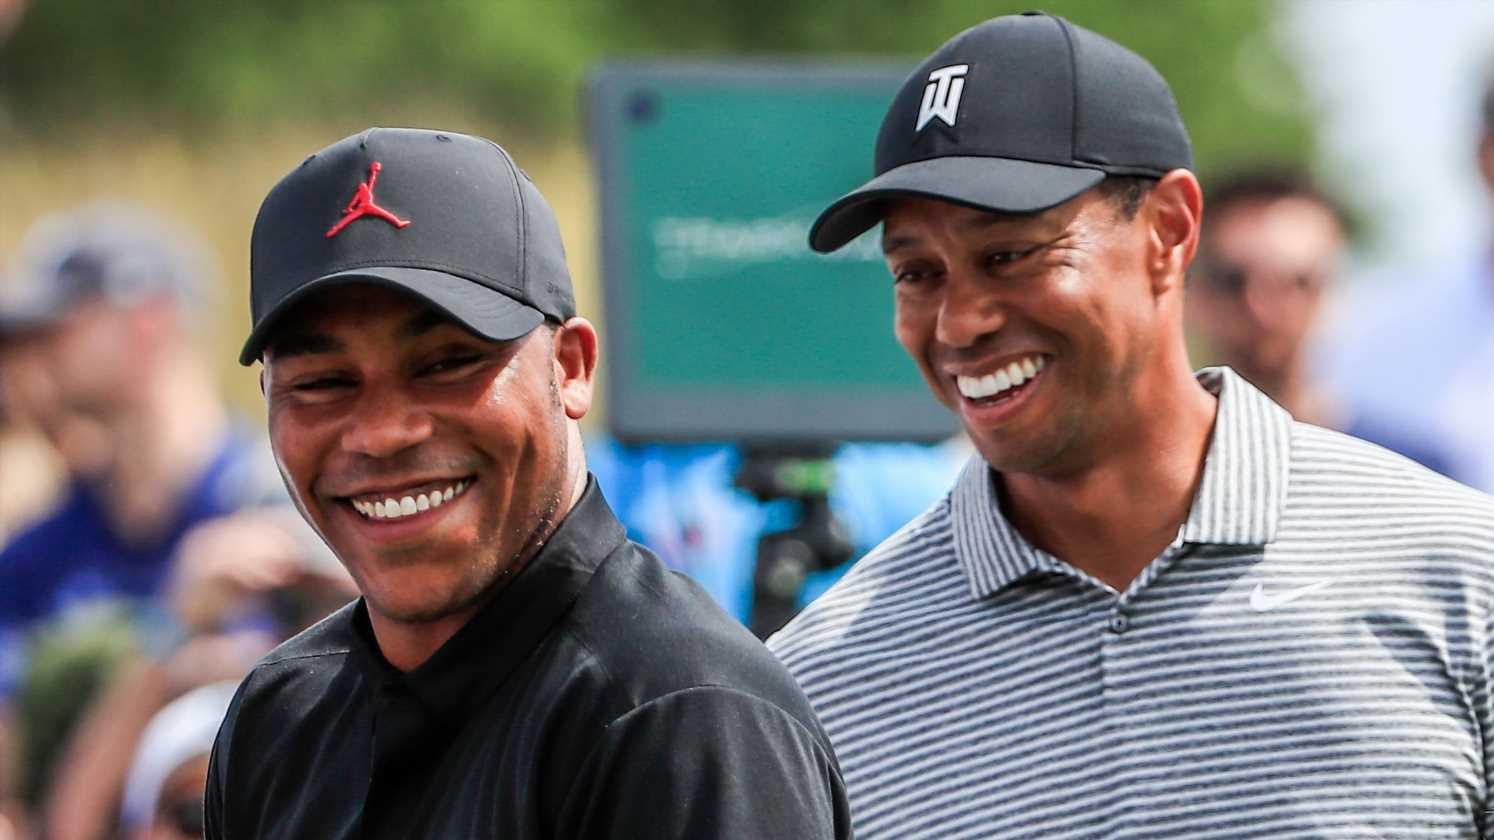 Anh ấy có mối quan hệ tốt với Tiger Woods, và họ sẽ gặp nhau để chơi riêng.